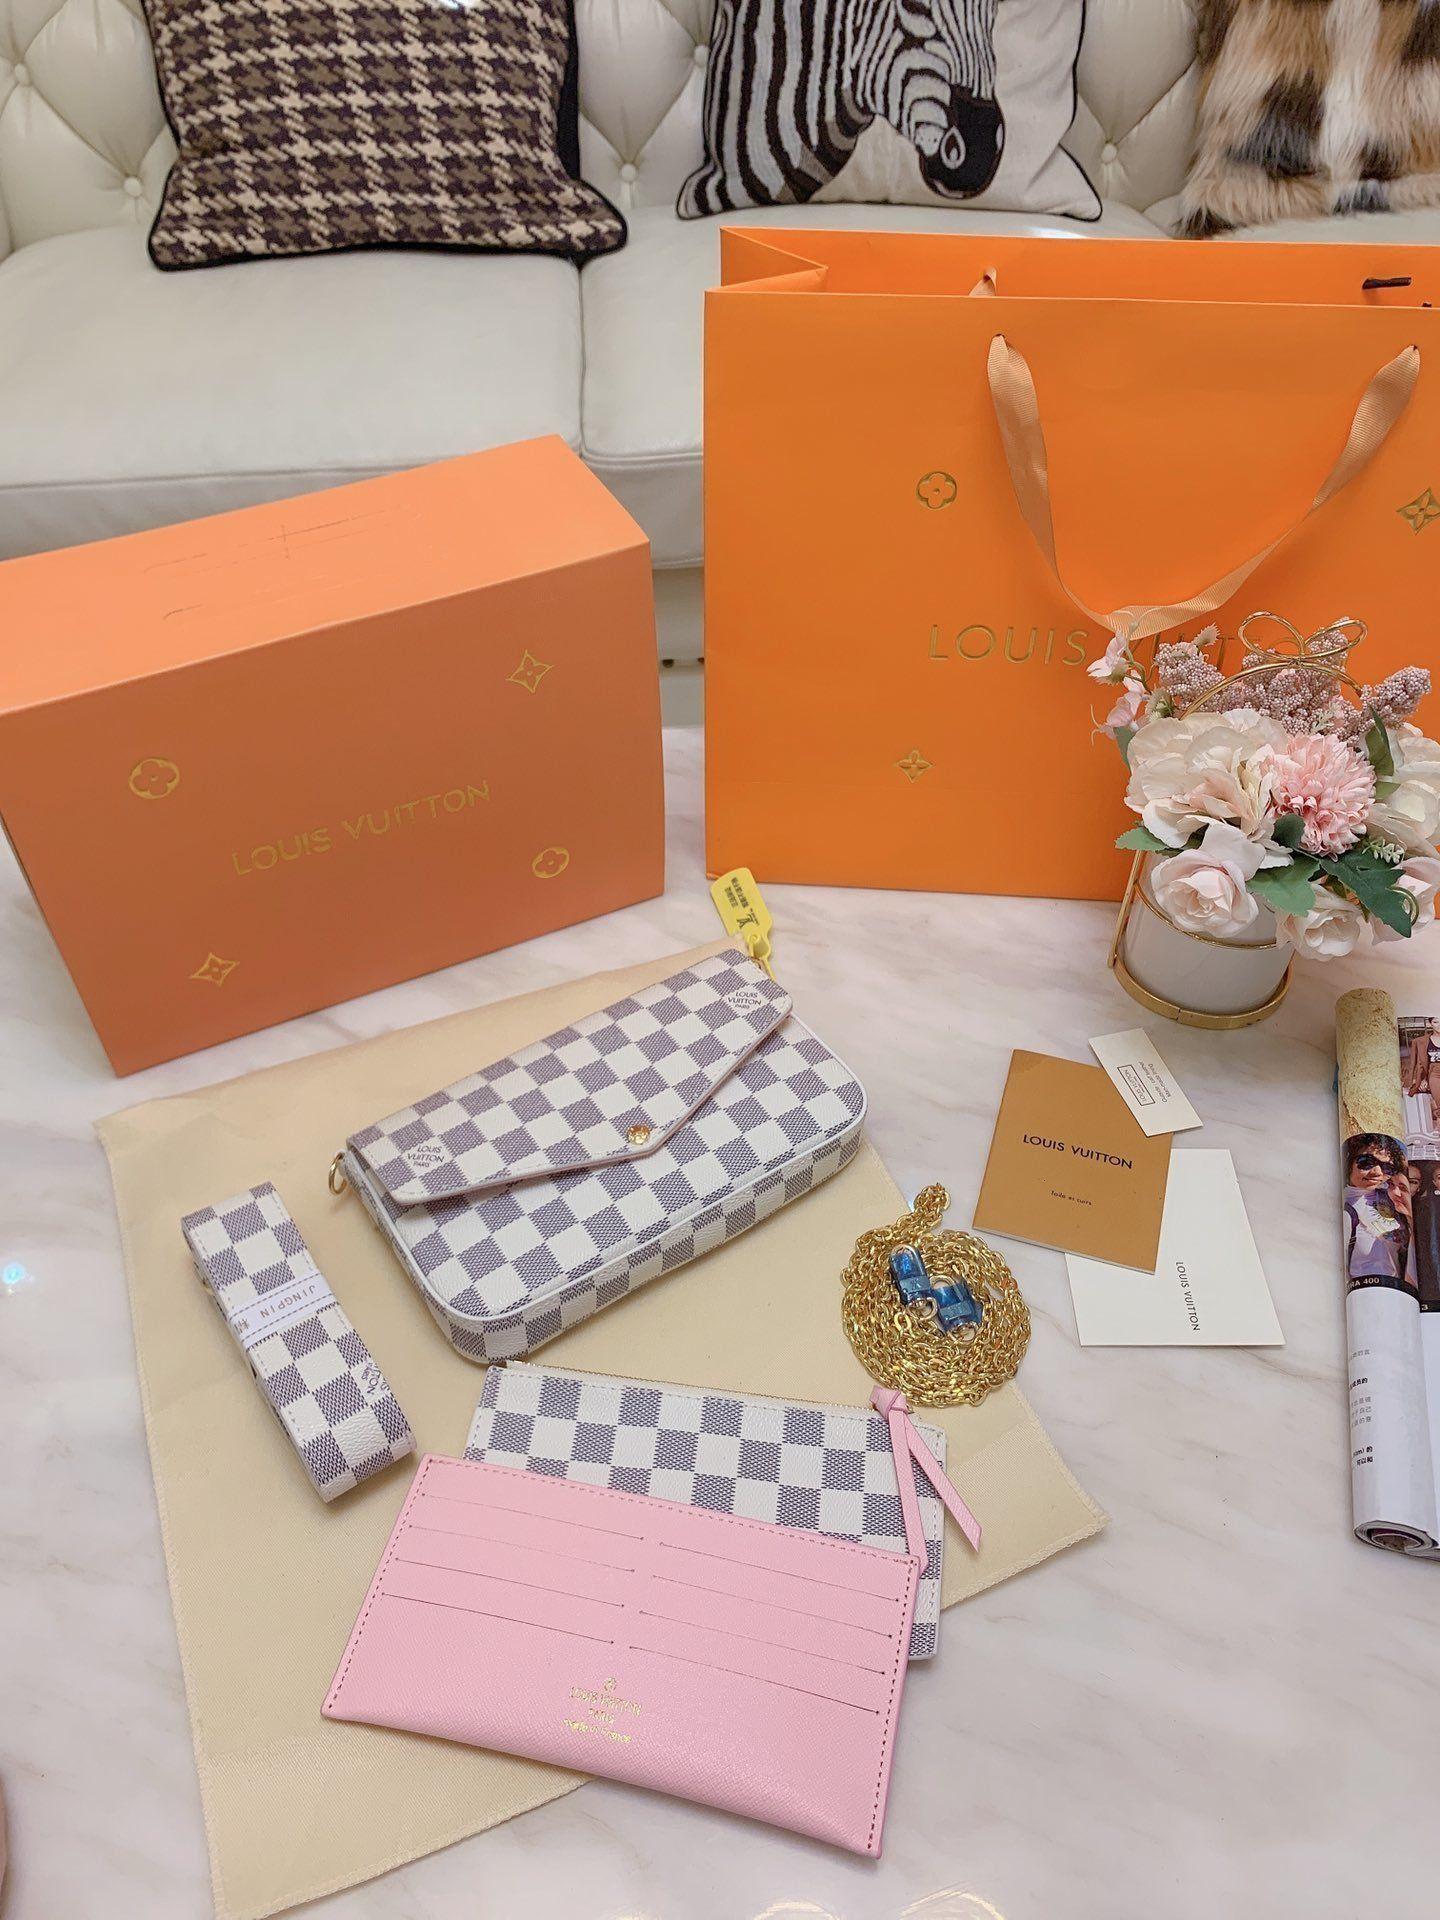 Il nuovo modo la catena della spalla Bag Small Piazza Womens pacchetto borsa a tracolla Tote originale set di tre pezzi